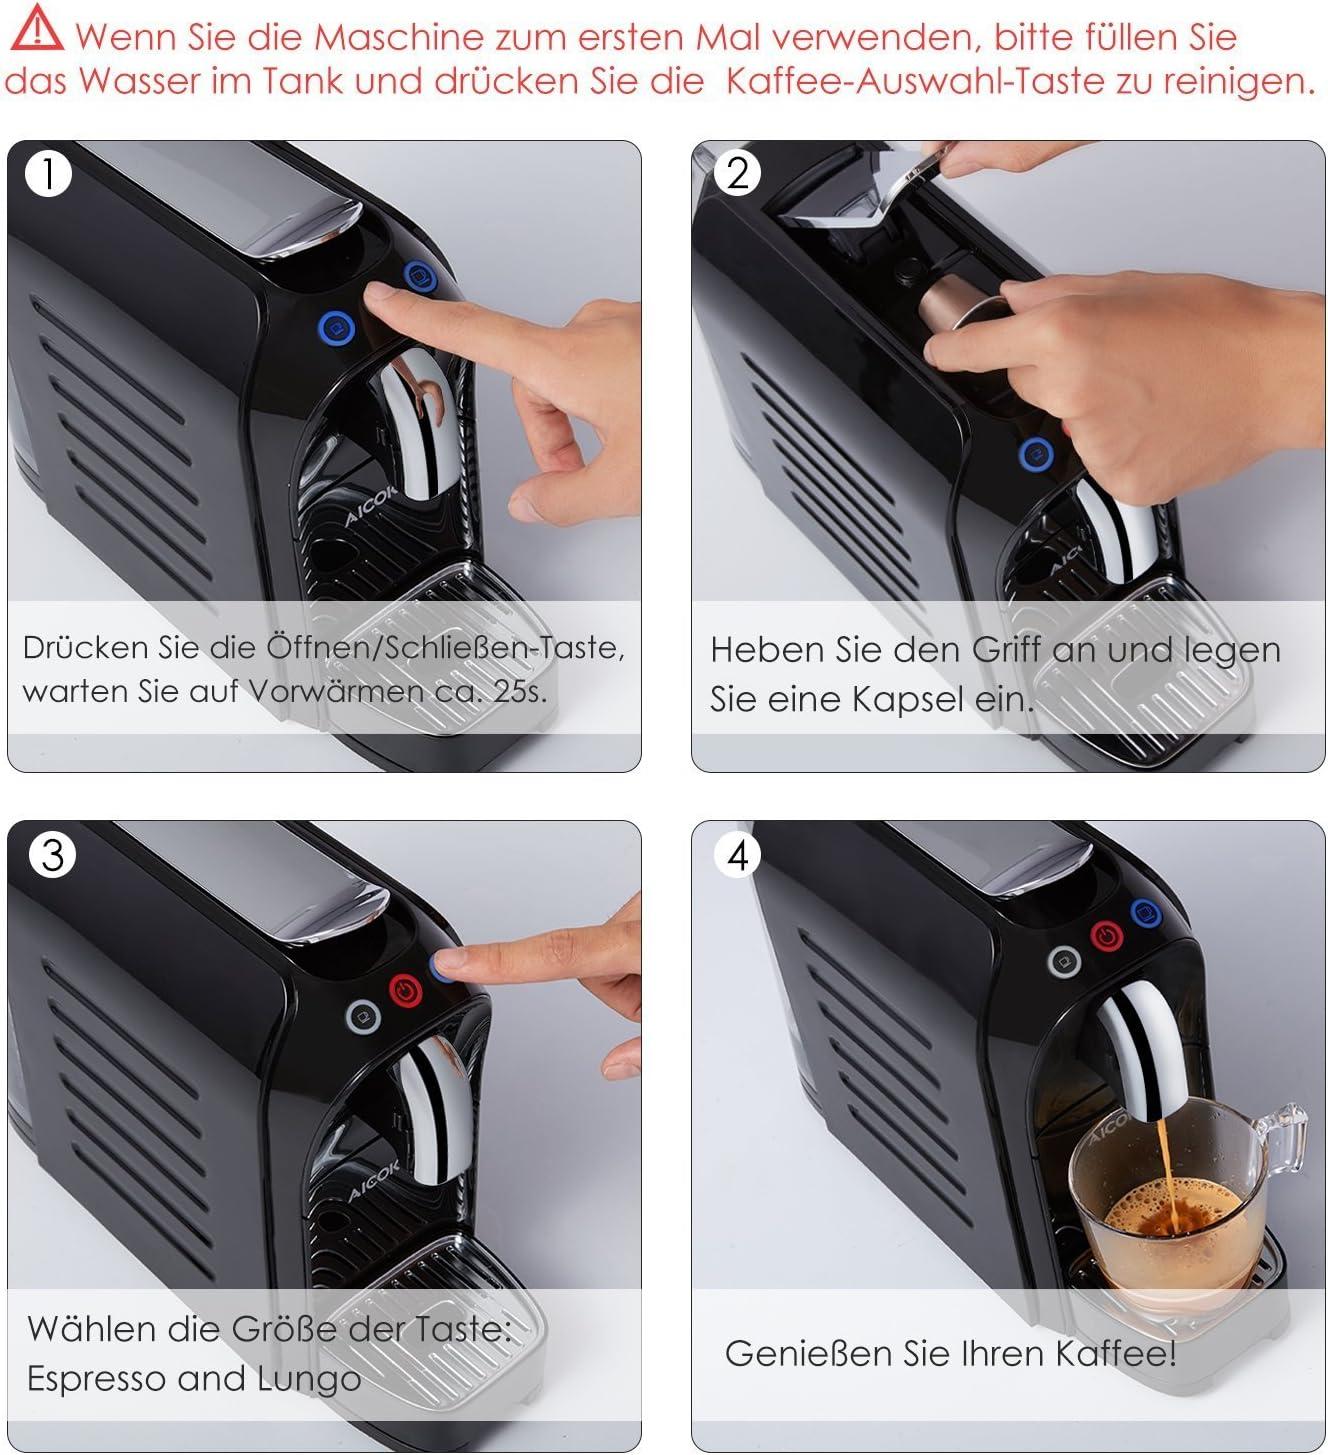 Aicok Cafetera, Nespresso Cafetera, Cafetera de Cápsulas, 20 Bares ...